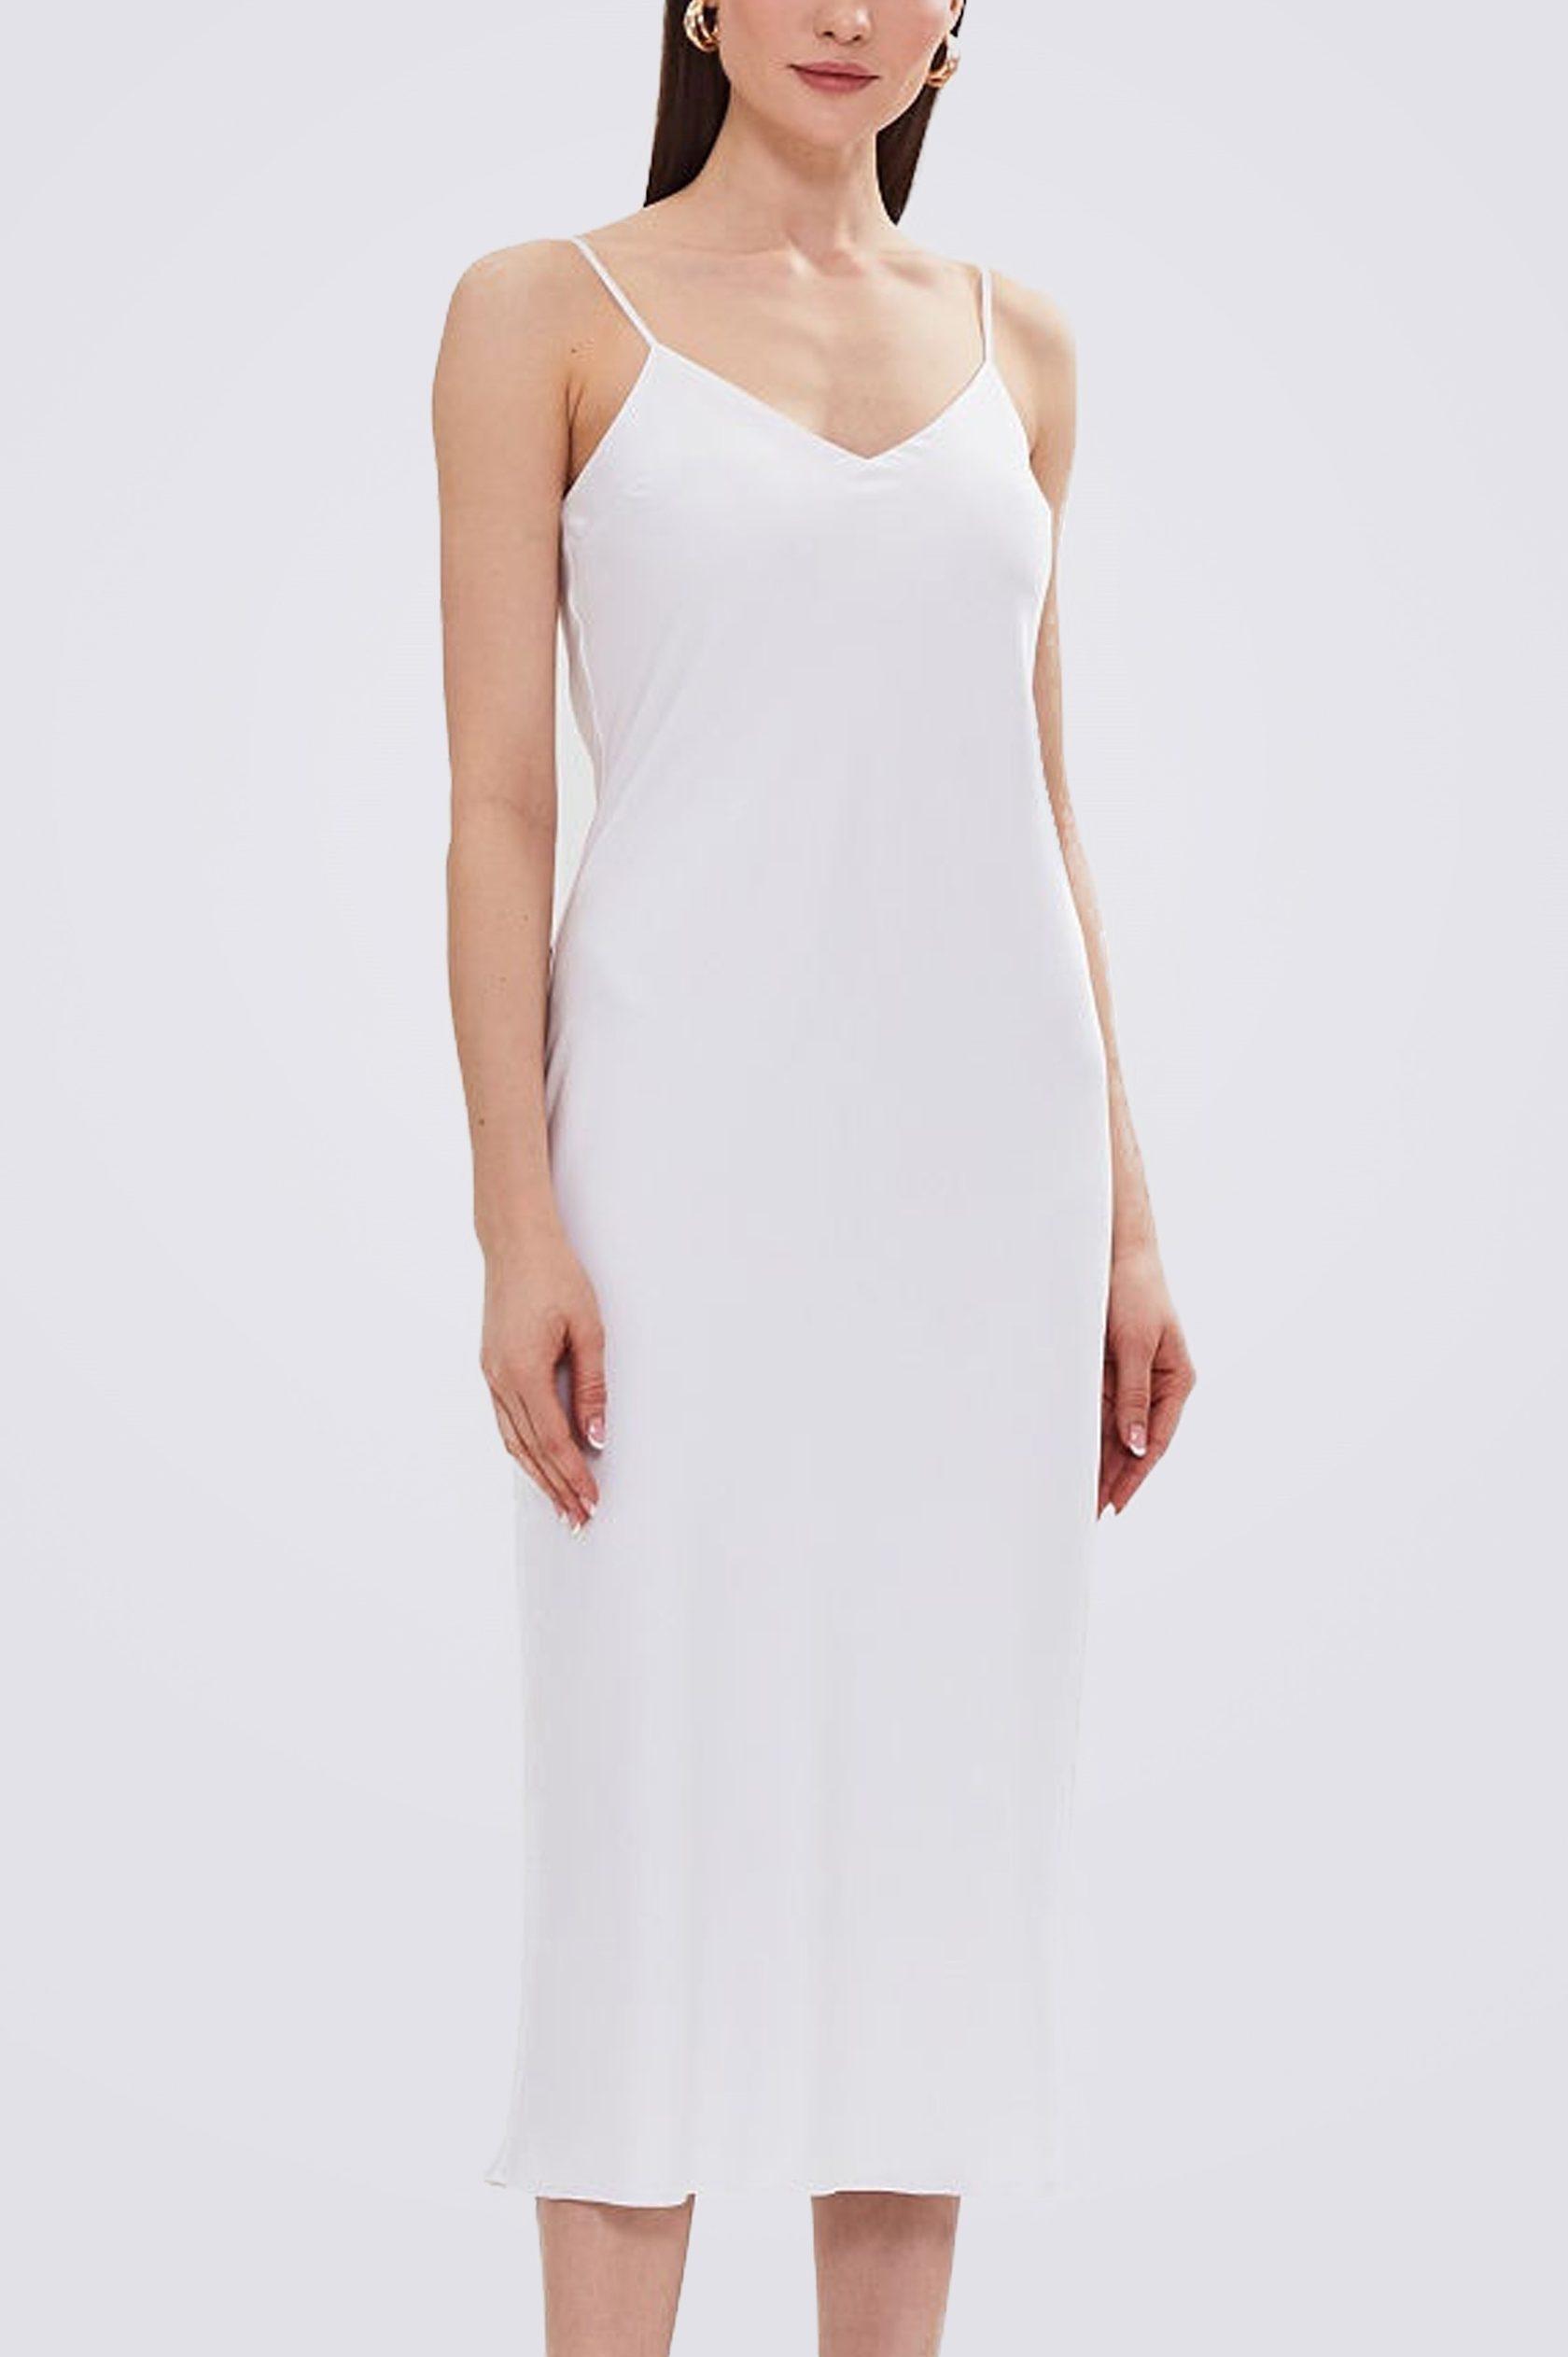 Платье комбинация миди ES.design белое EGOStyle